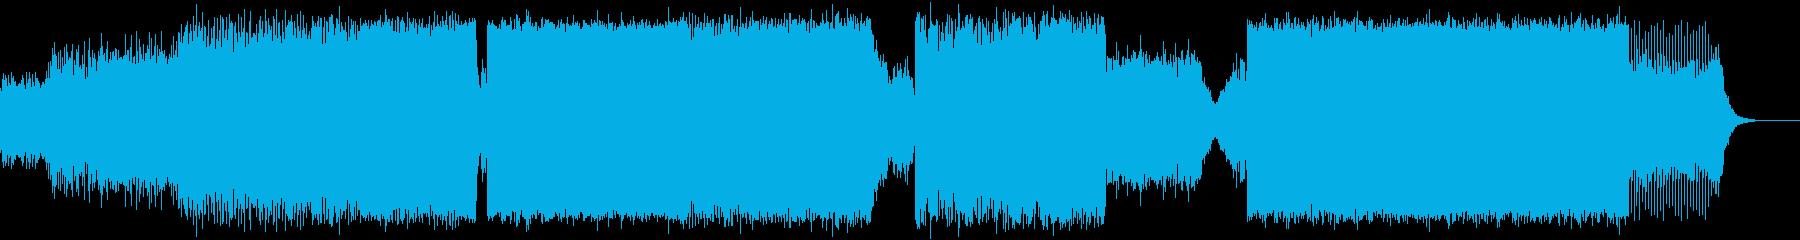 オーケストラ×エレクトロ OP等の再生済みの波形